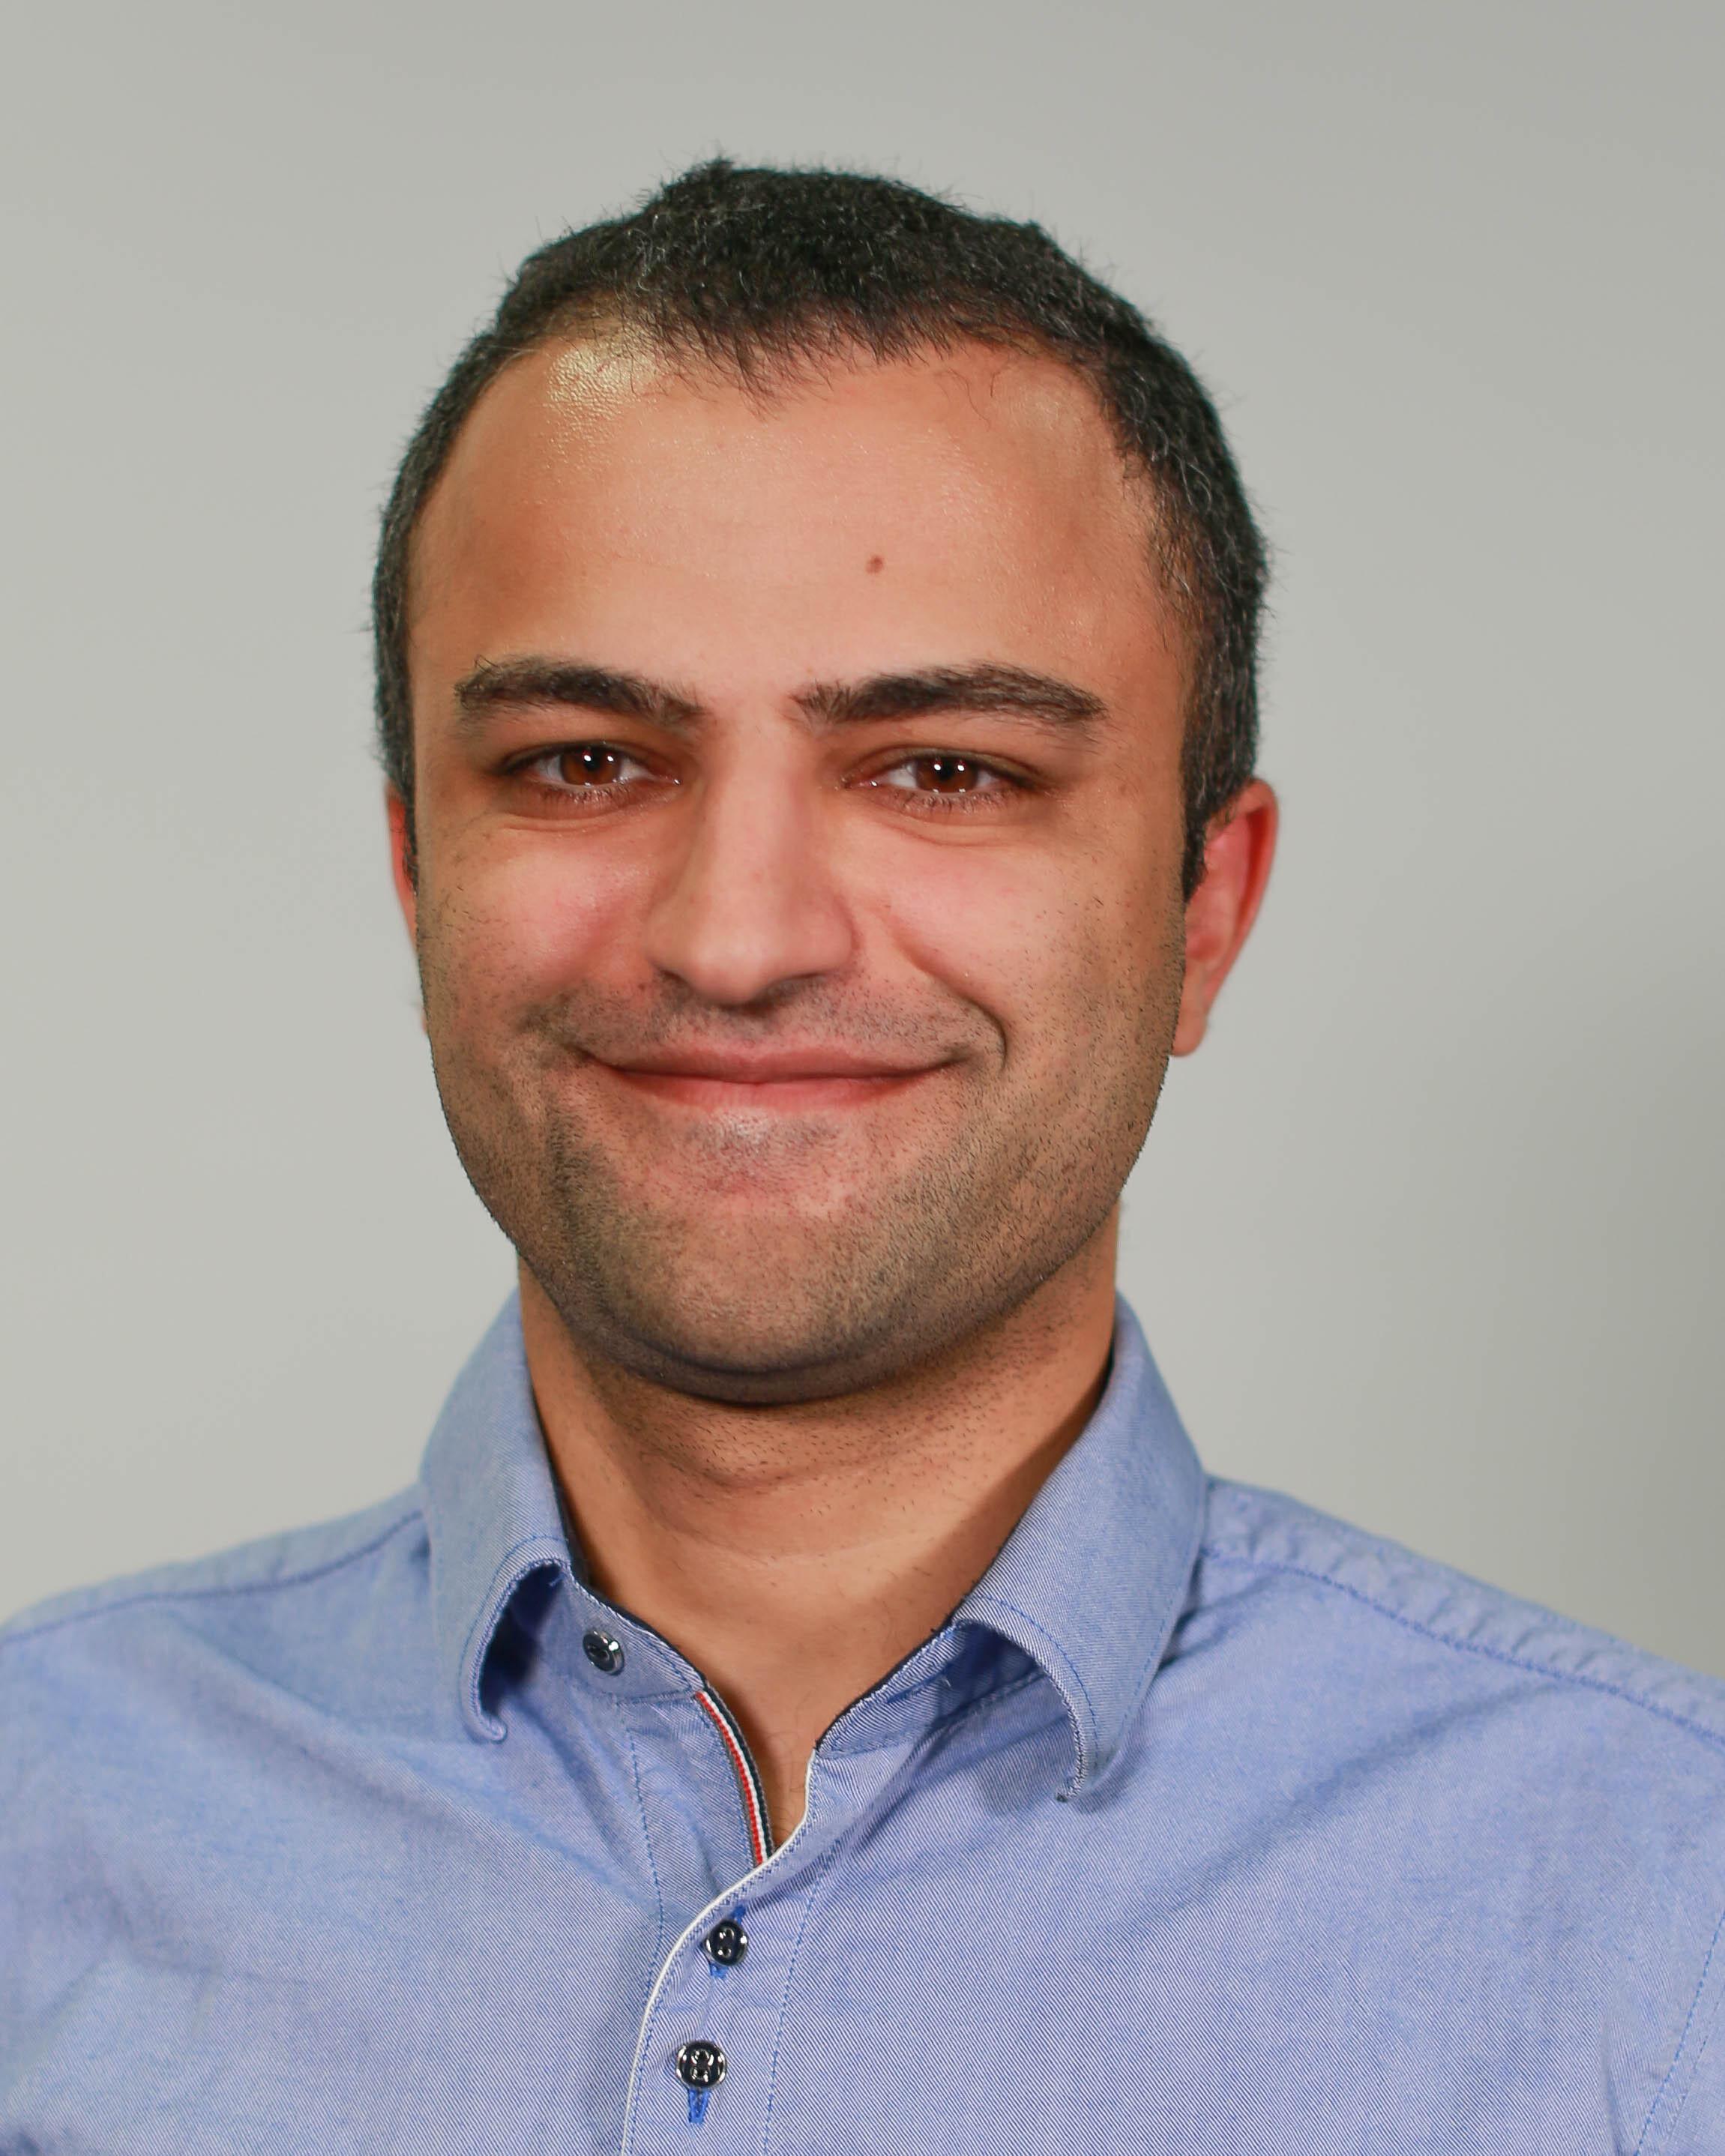 Profile picture of Ali Zavabeti